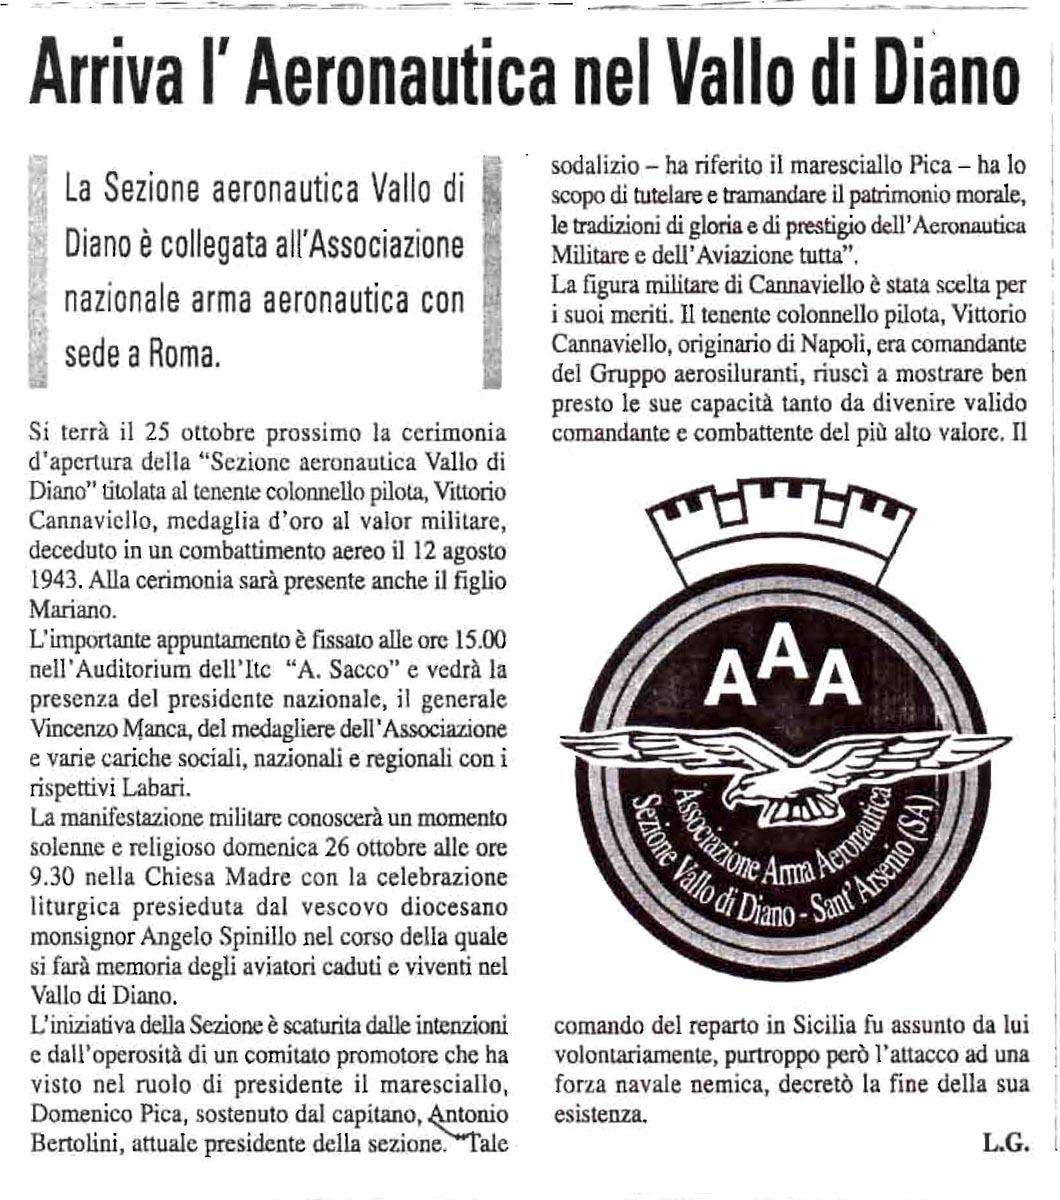 LaCittà_x.2003_articoloAAA_Vallo di Diano